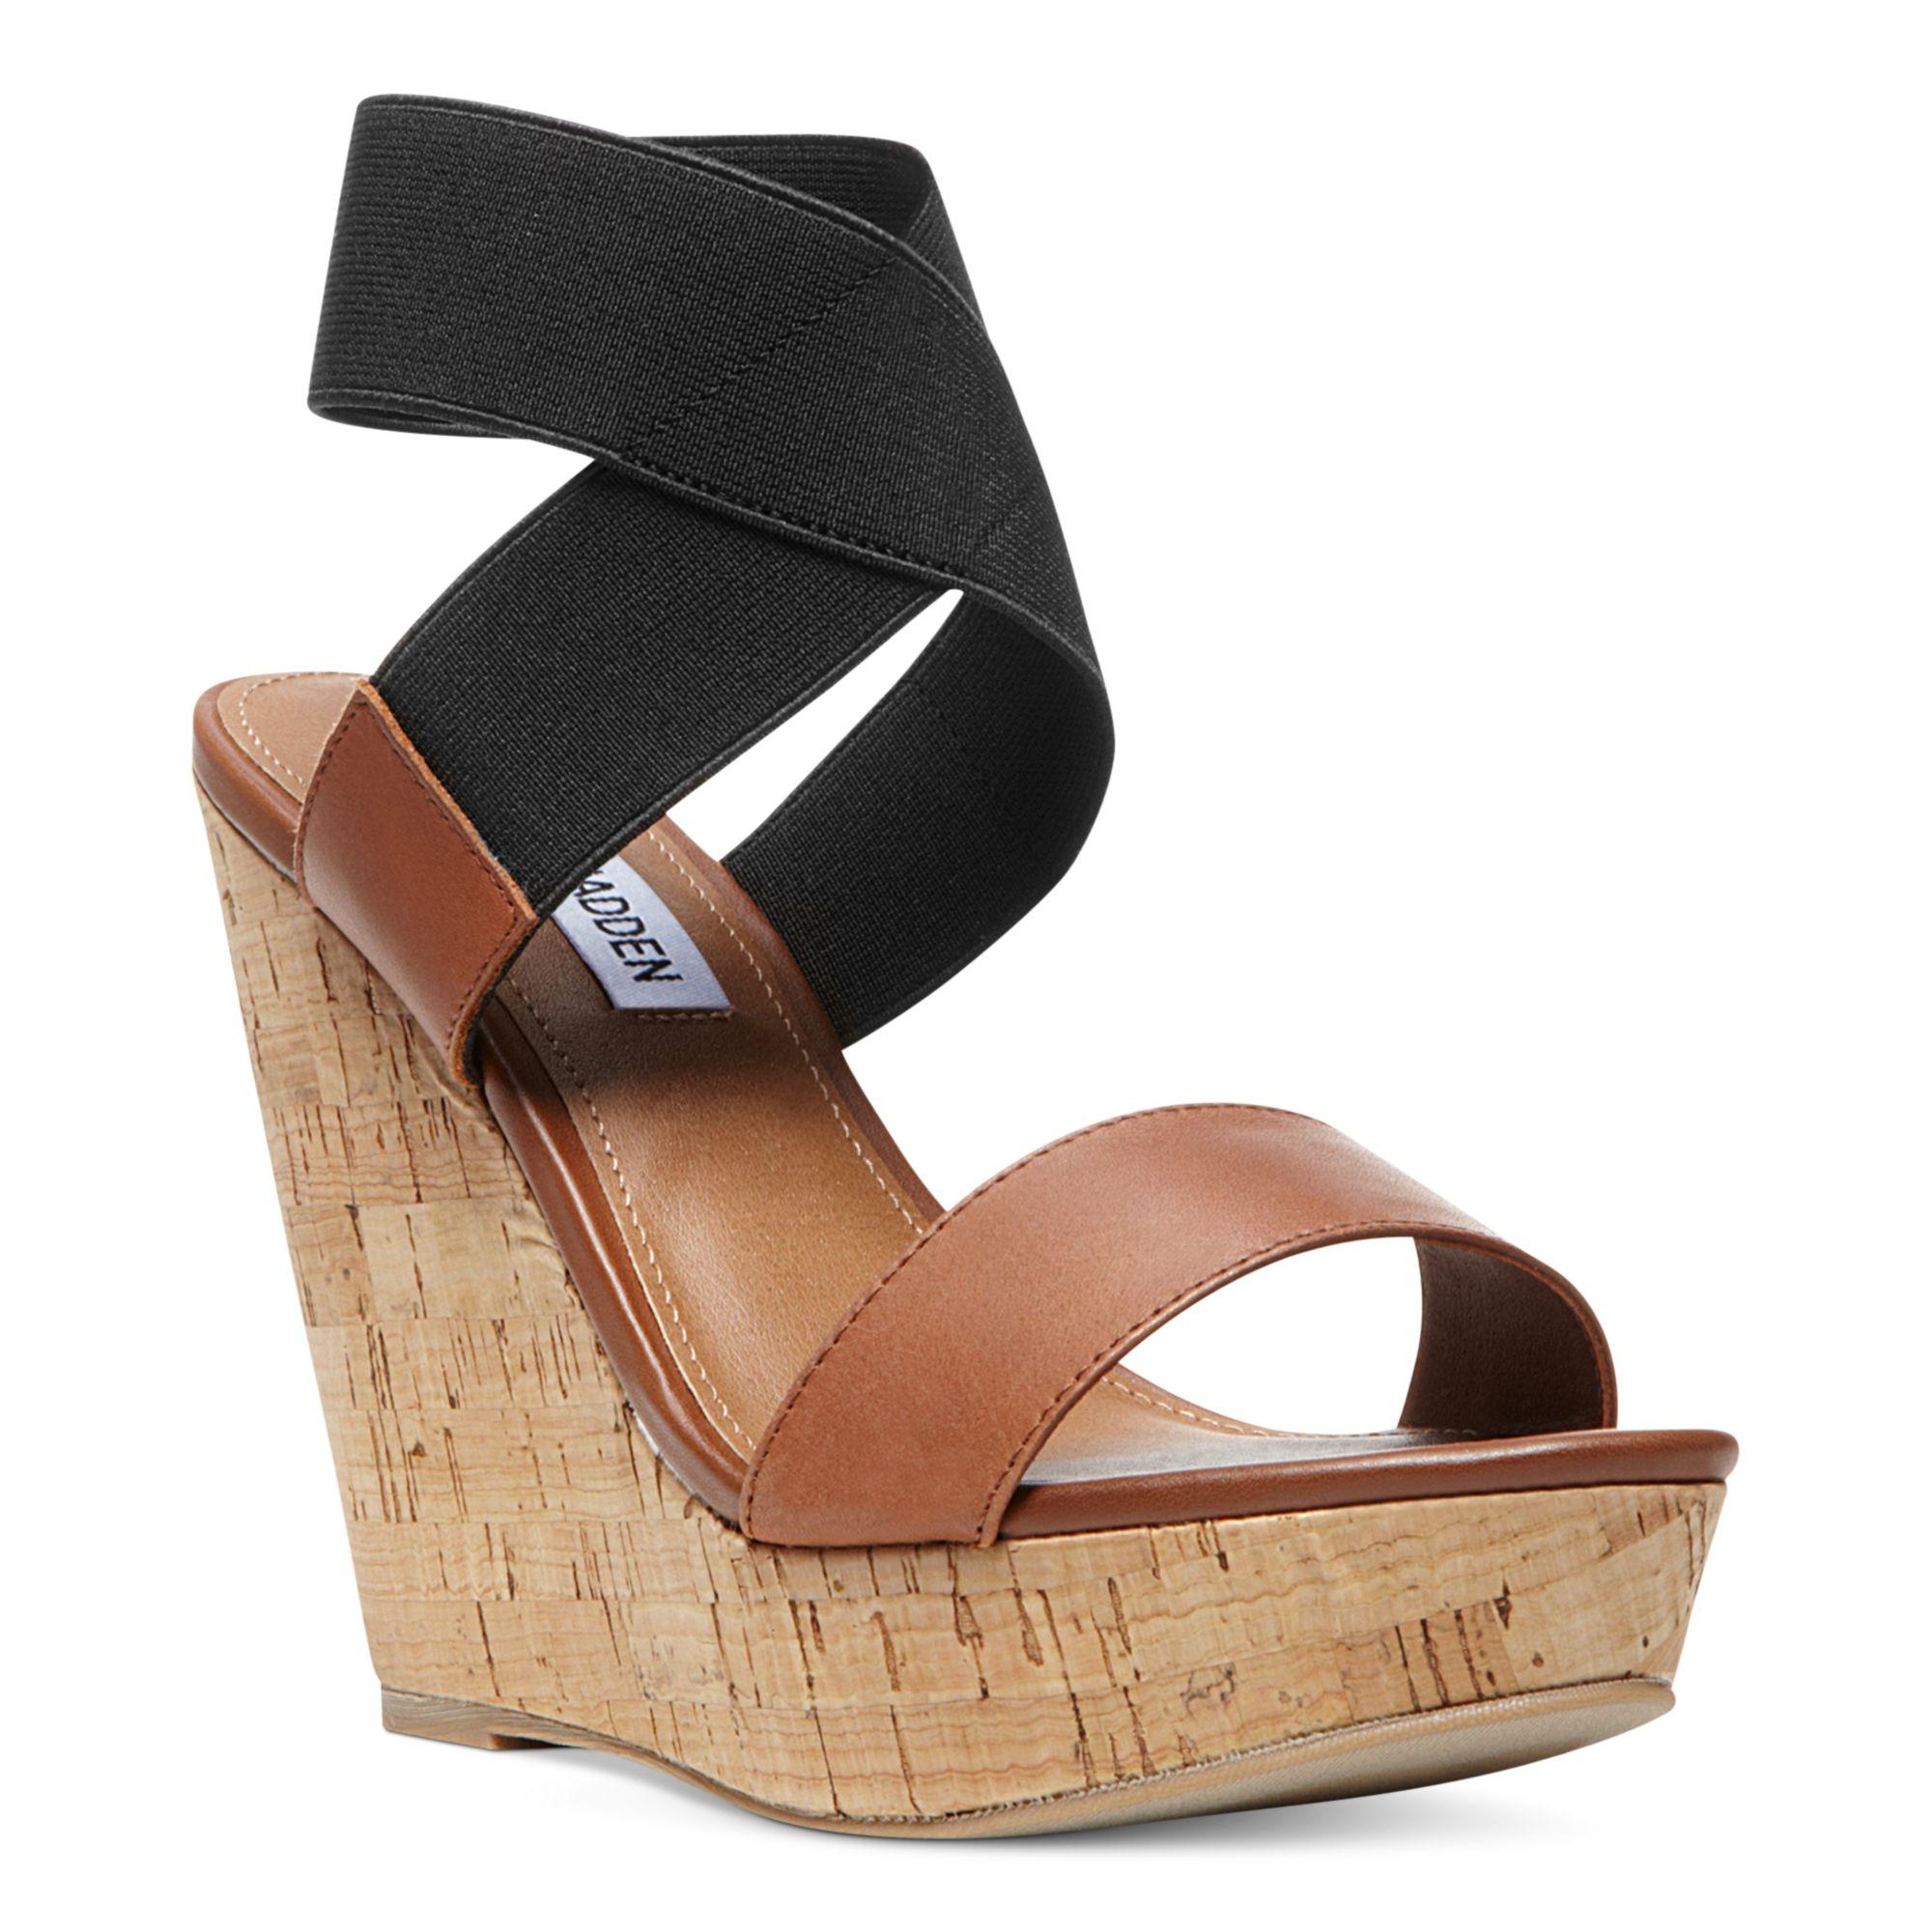 steve madden roperr platform wedge sandals in brown cognac multi lyst. Black Bedroom Furniture Sets. Home Design Ideas